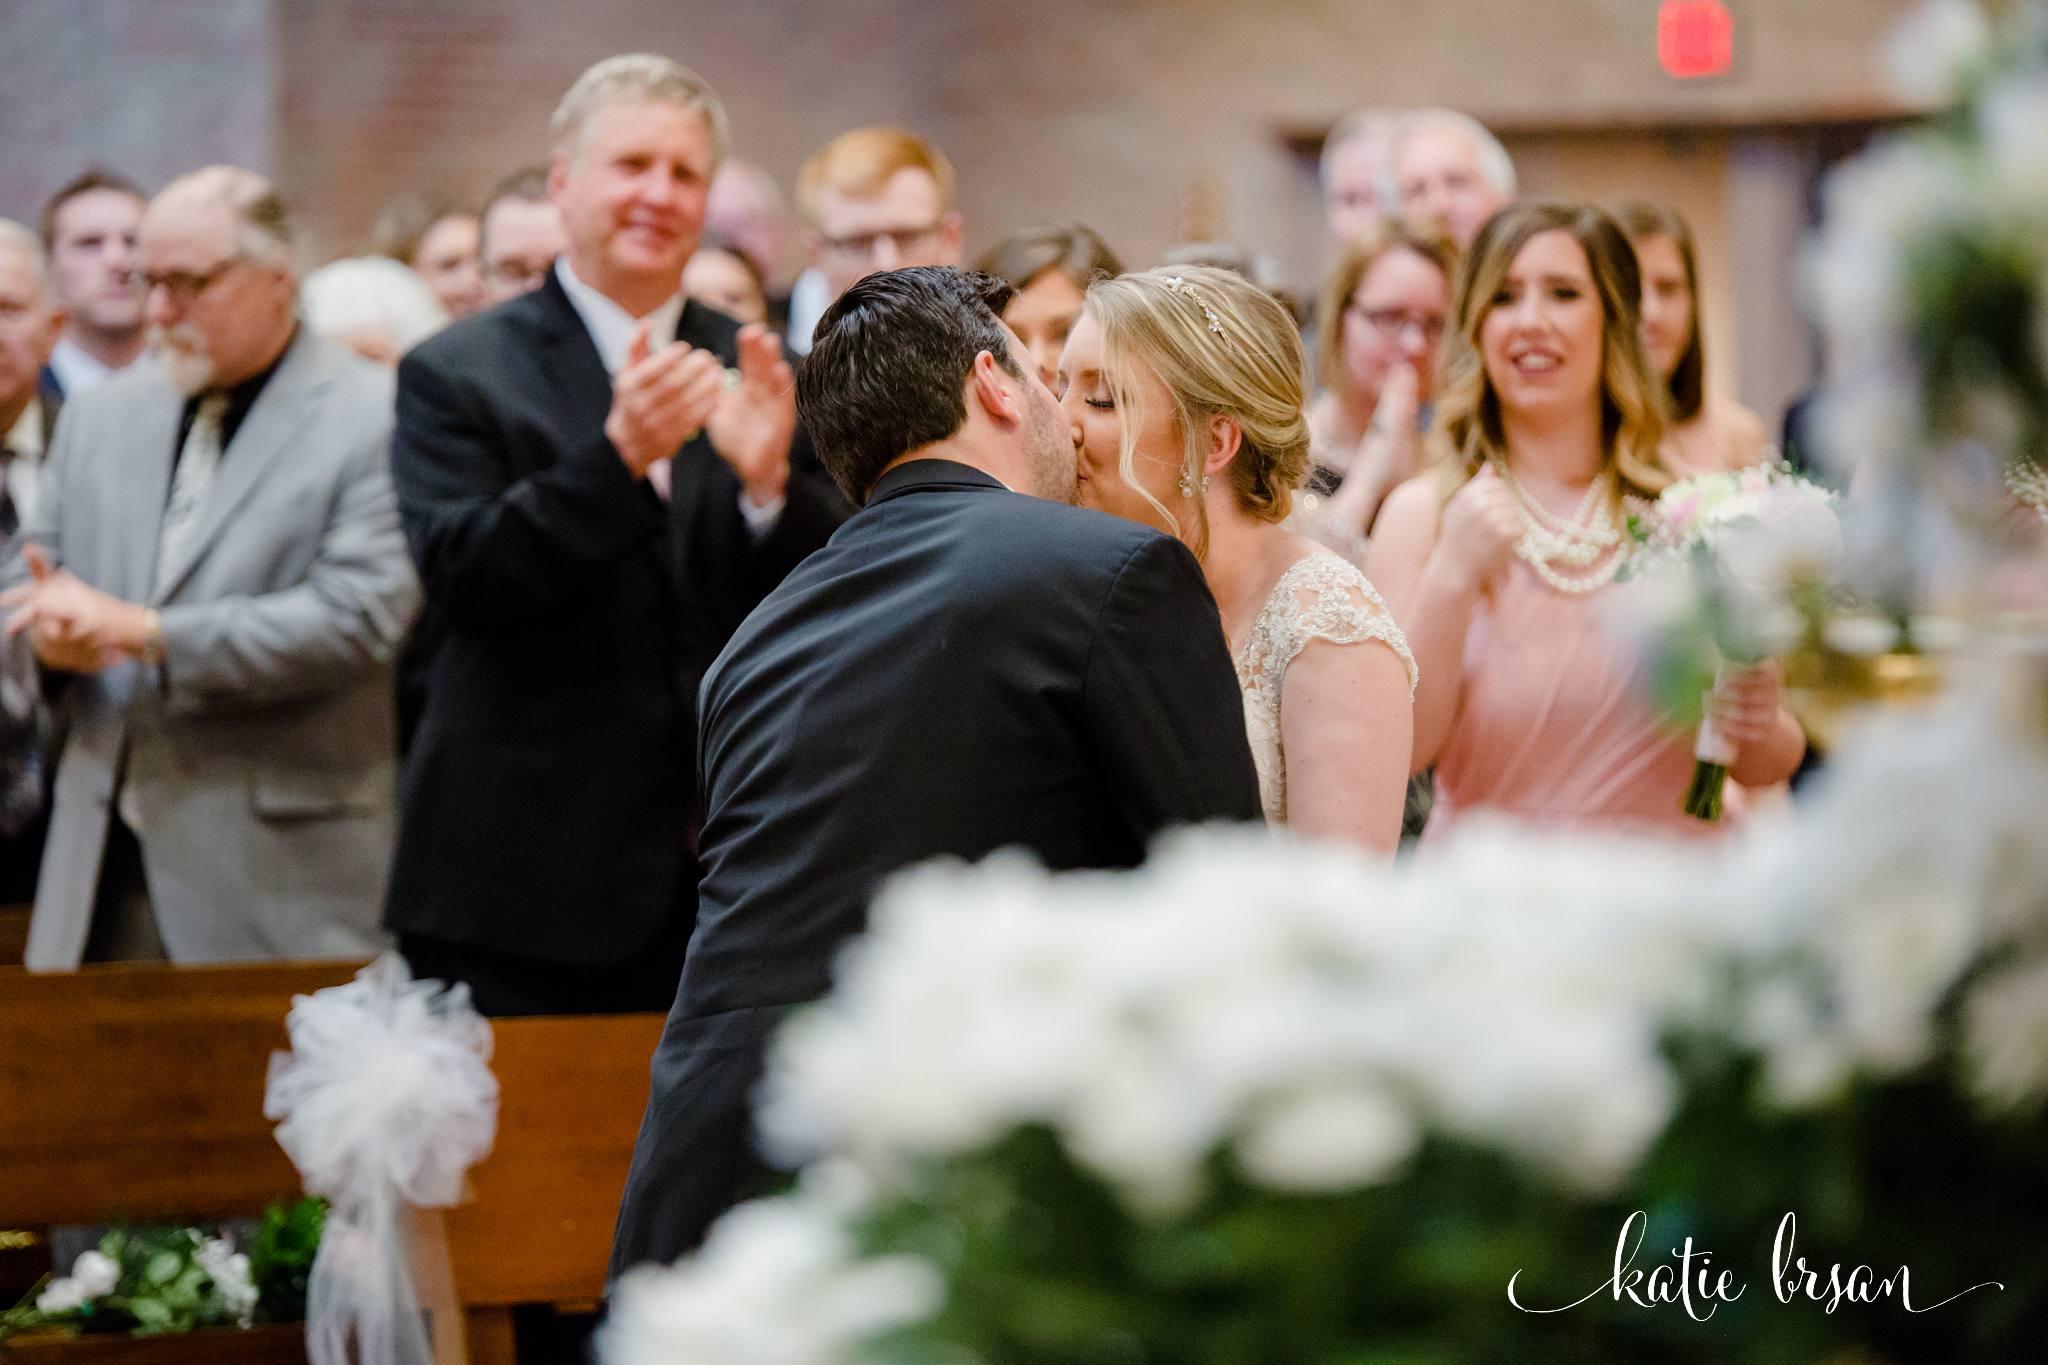 Mokena_Lemont_Wedding_Ruffled_Feathers_Wedding_1367.jpg